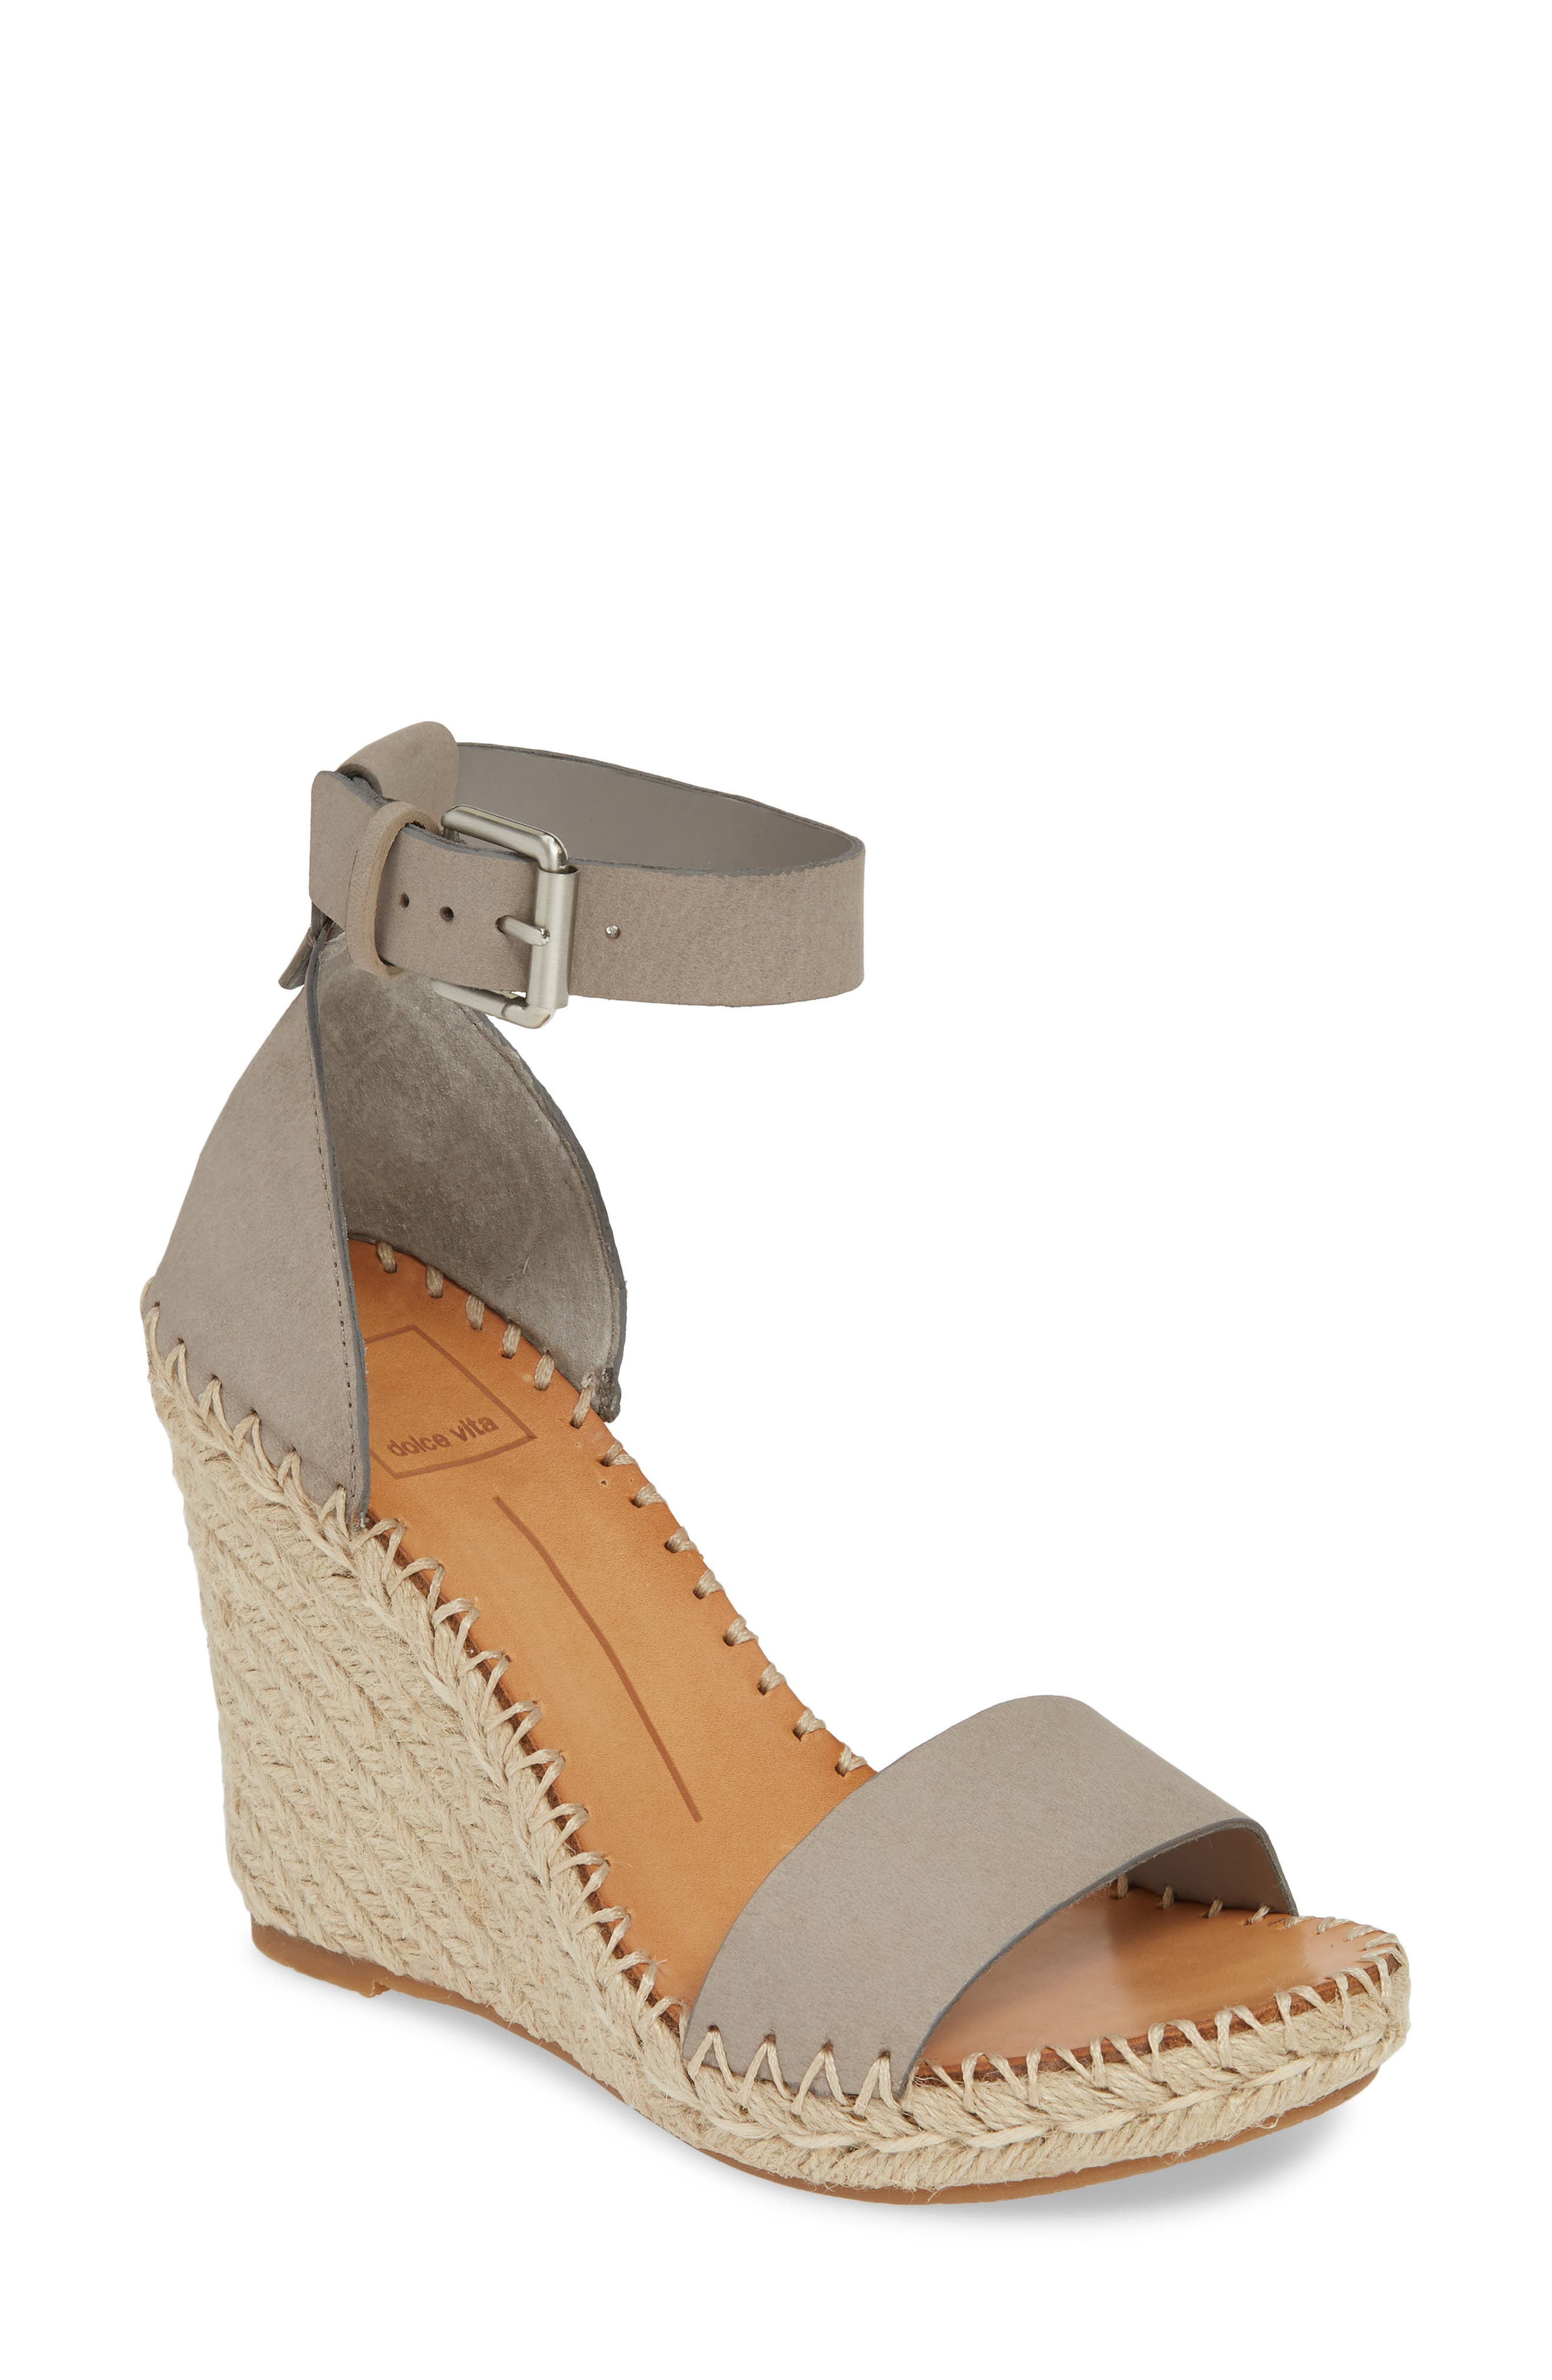 DOLCE VITA Noor Espadrille Wedge Sandal, Main, color, 020